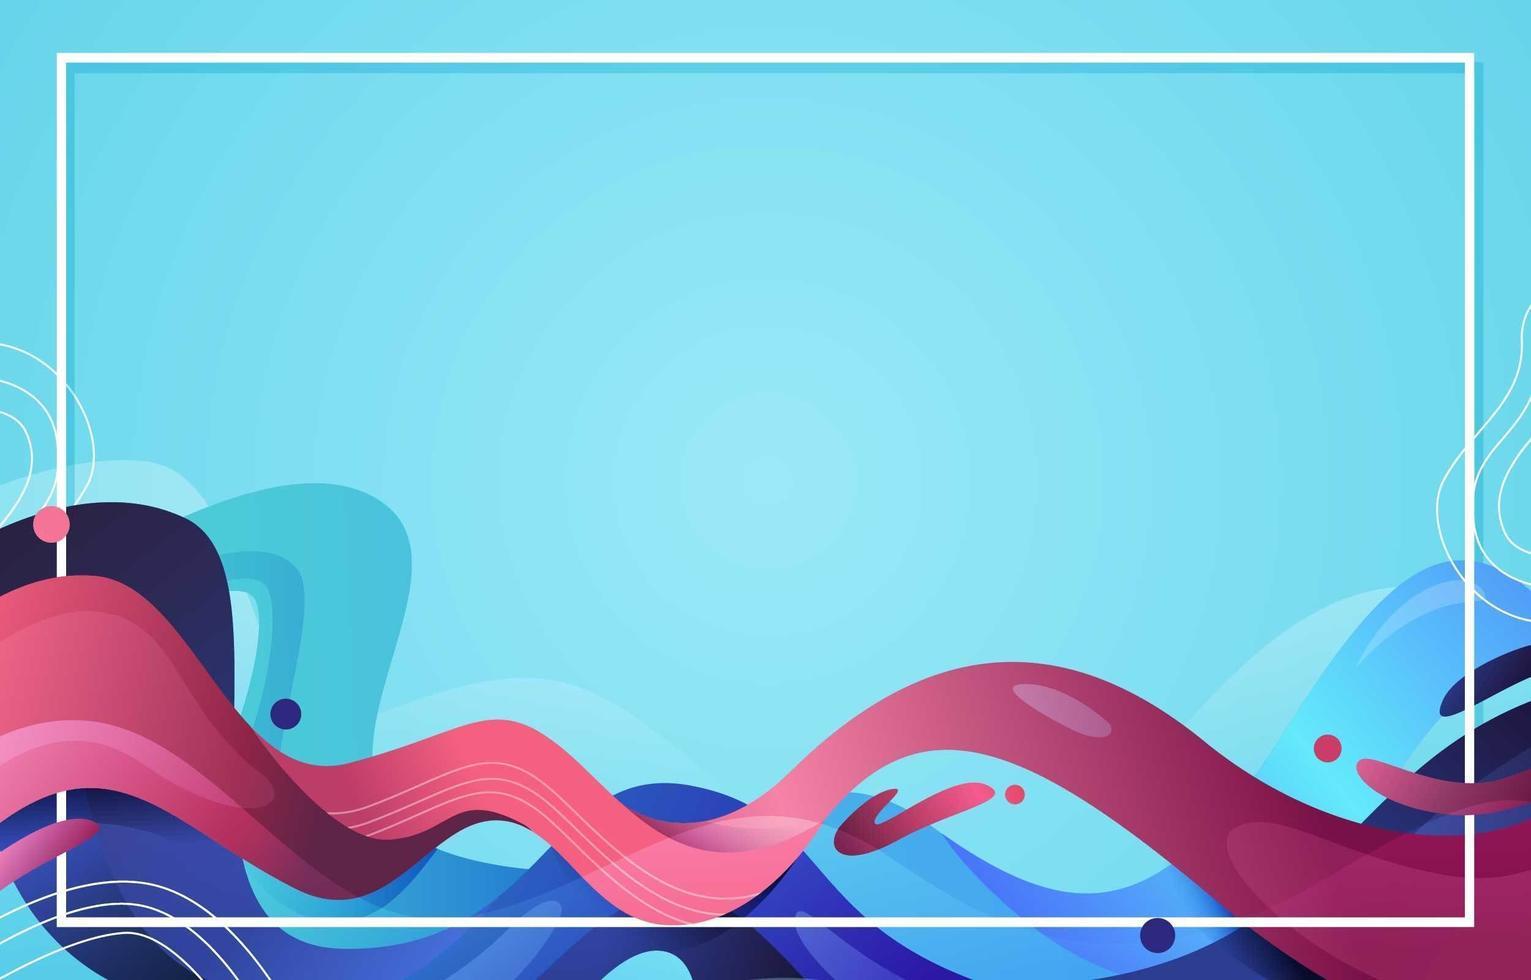 flytande abstrakt bakgrund med rosa och blå nyans vektor